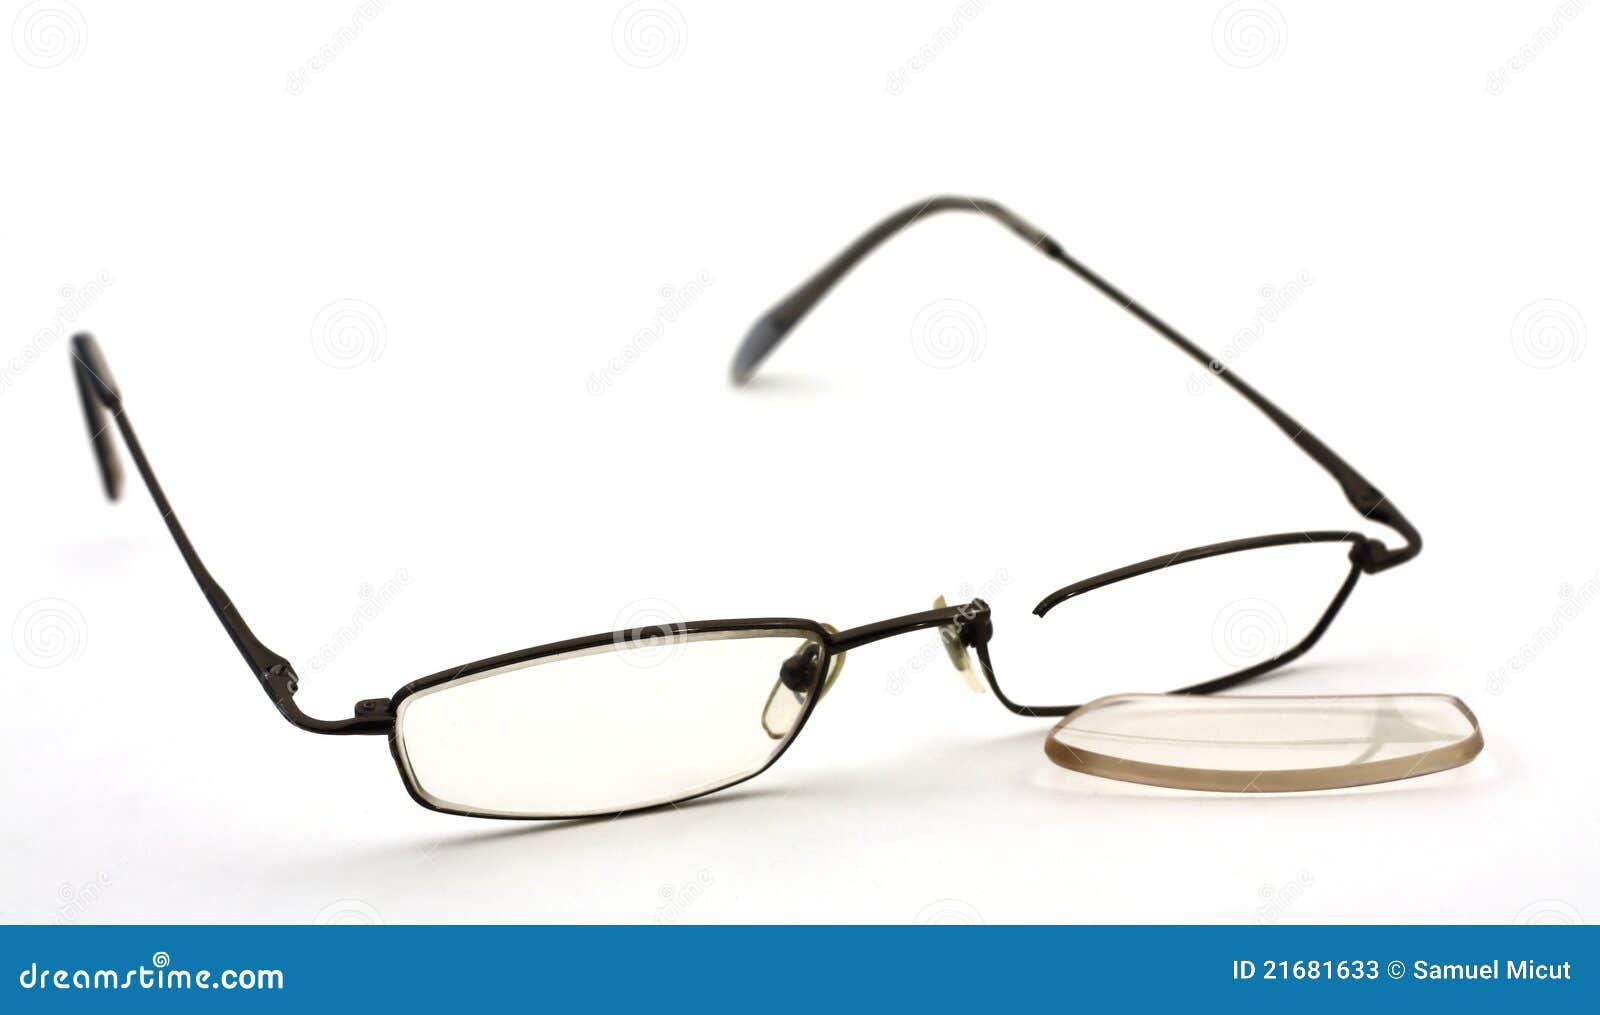 Glasses Frame Cracked : Broken Glasses Stock Photos - Image: 21681633